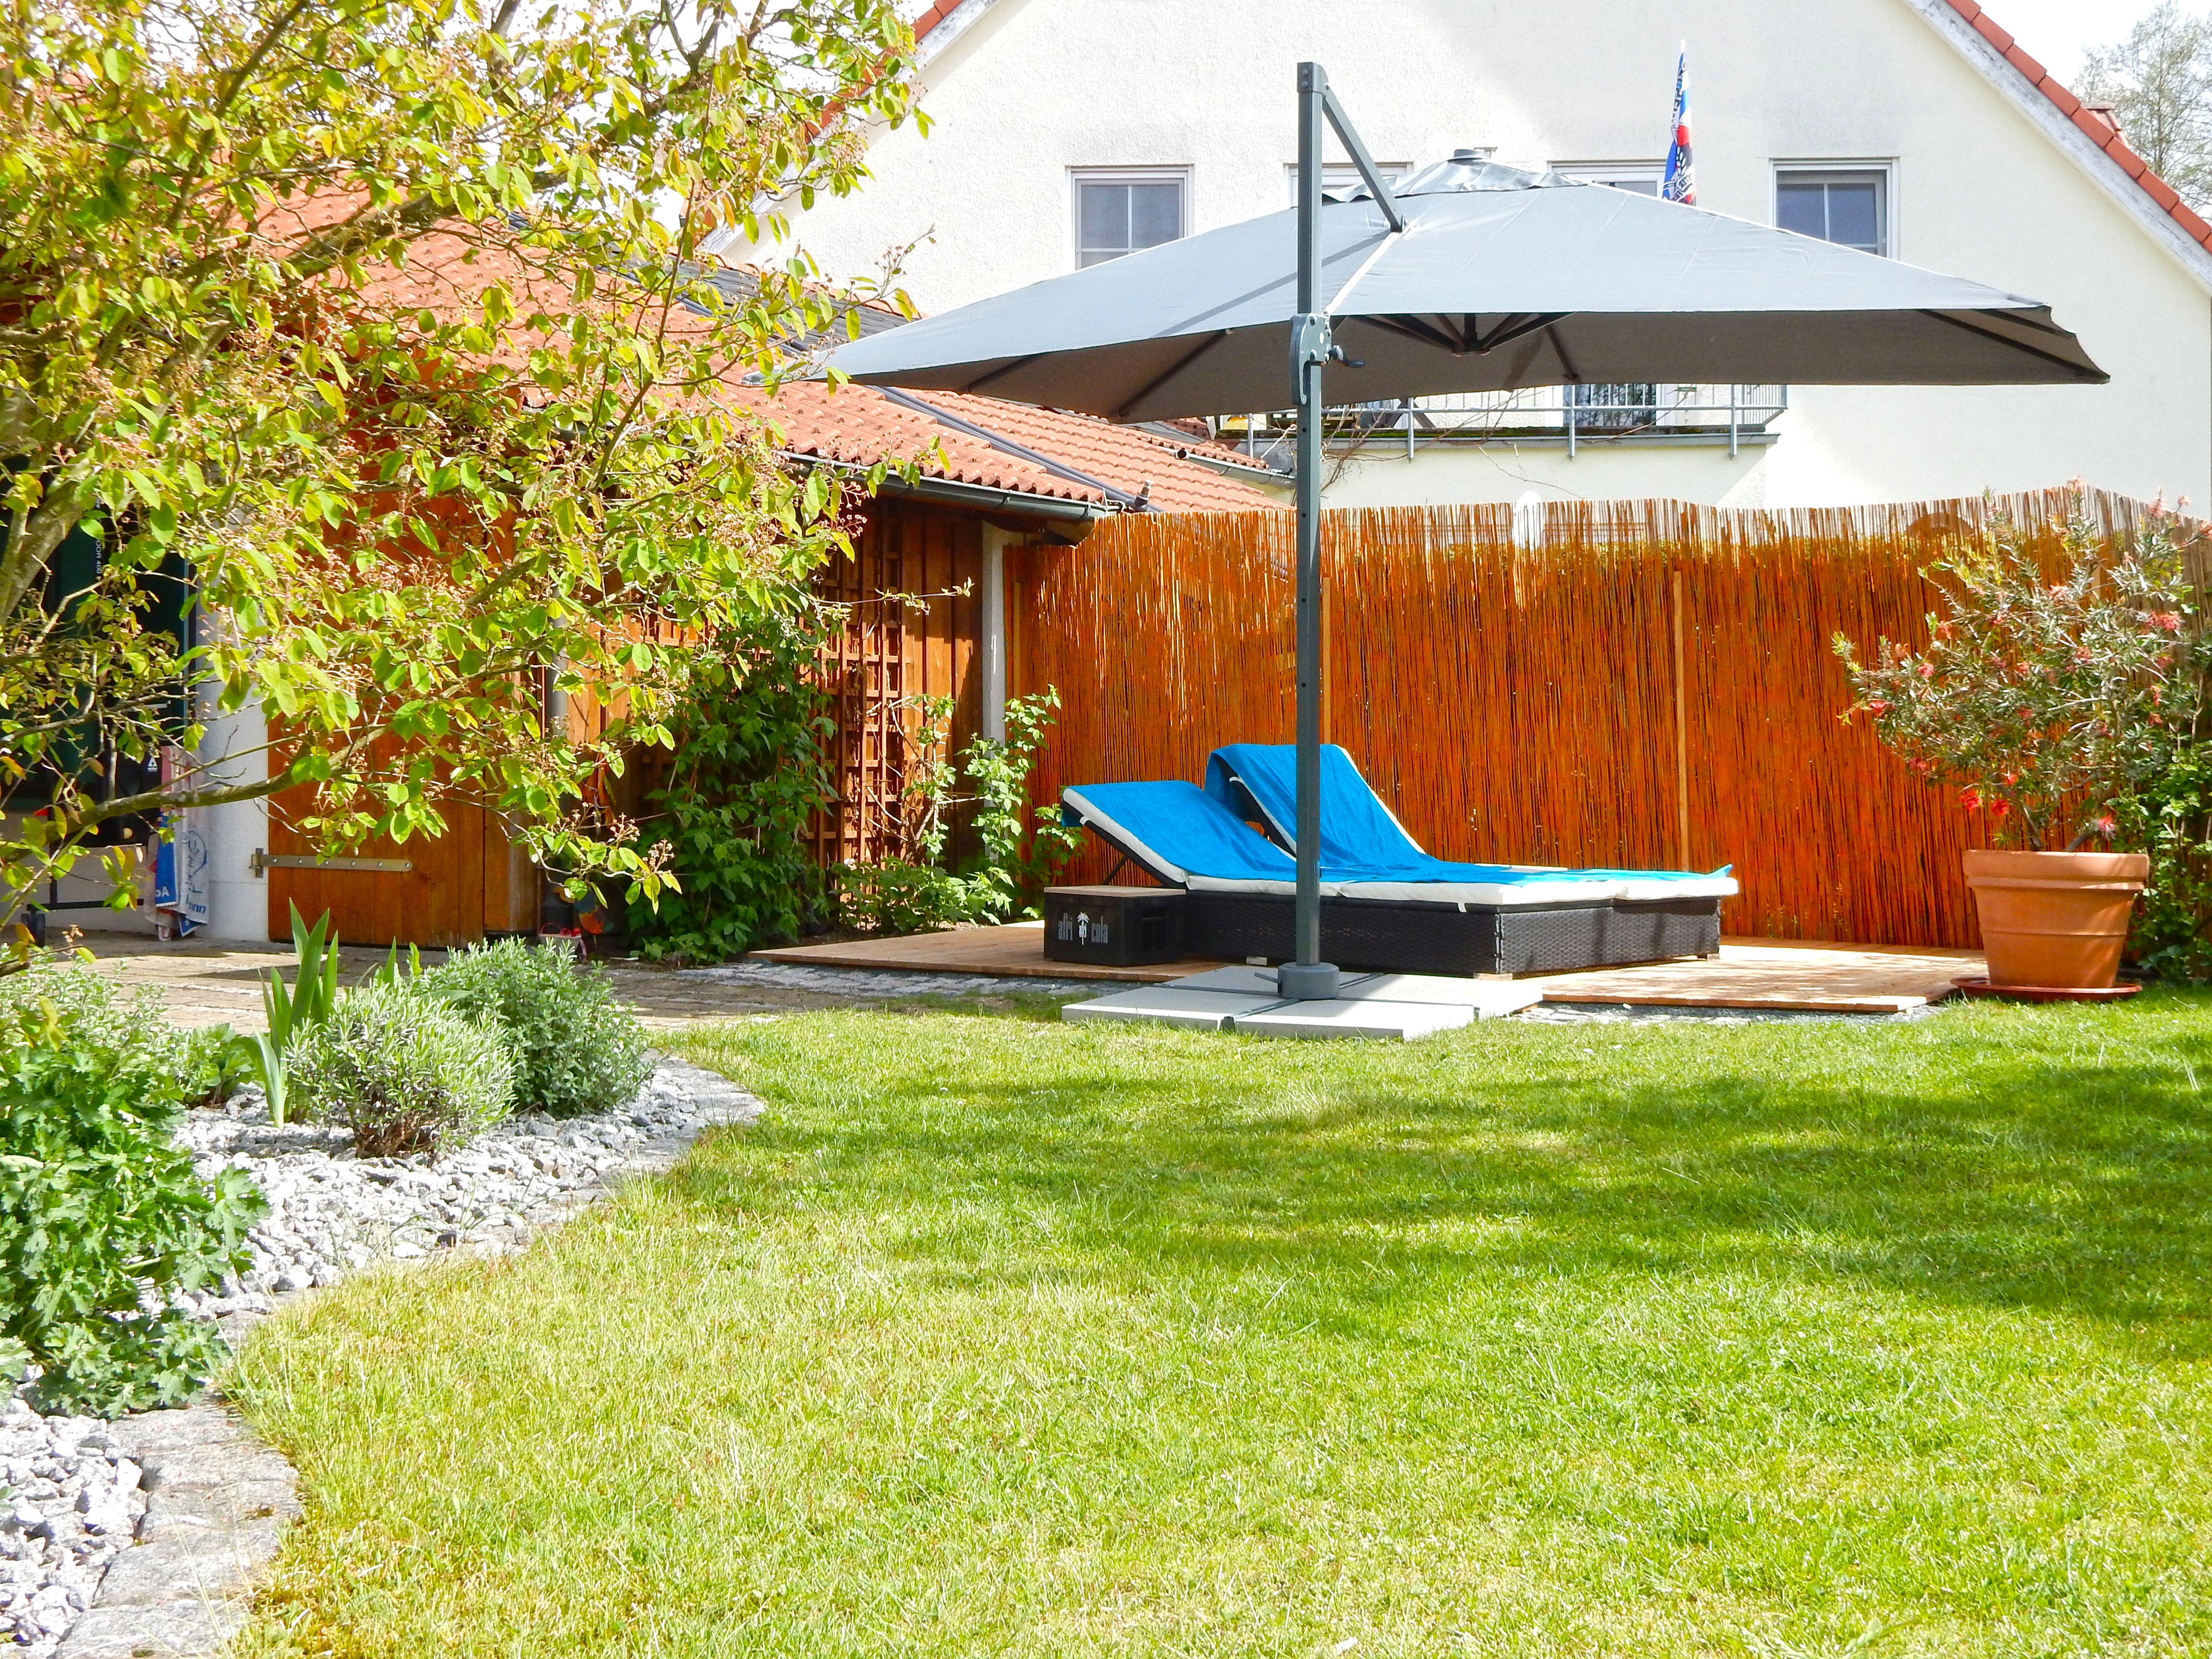 #sonnenschirm #wellness #erholung Mit unseren Sonnenschirmen werden Deine Stunden im Freien zum Genuss.